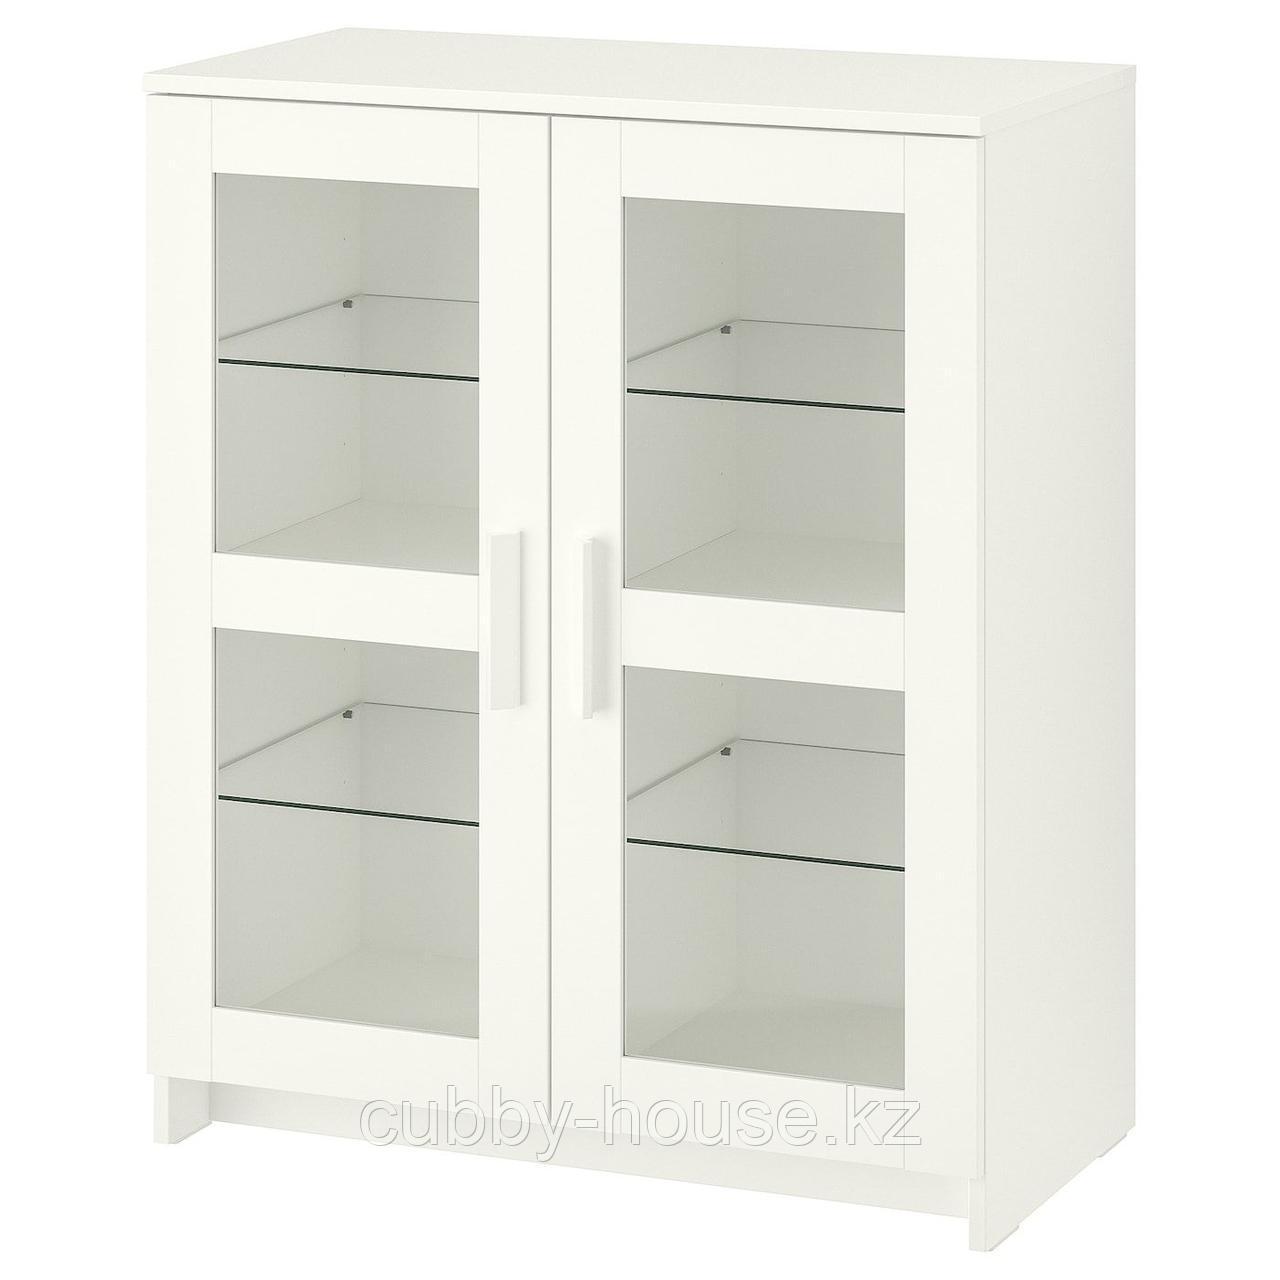 БРИМНЭС Шкаф с дверями, стекло, (белый, черный), 78x95 см